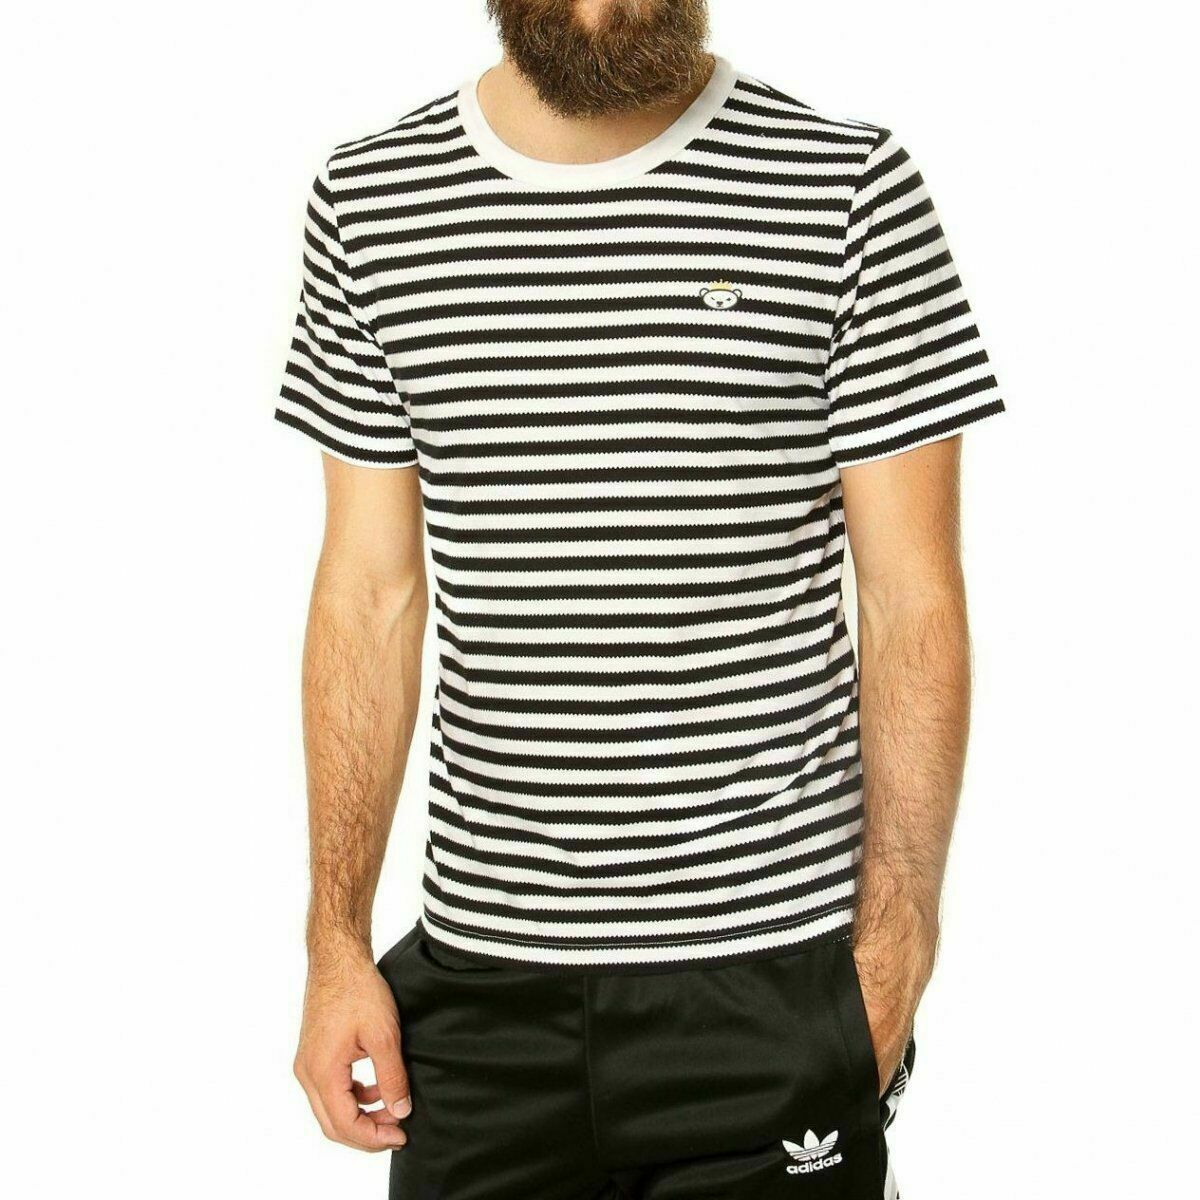 Details zu Adidas Original HERREN Nigo Bär Gezahnte Gestreift T Shirt Retro Vintage Neu